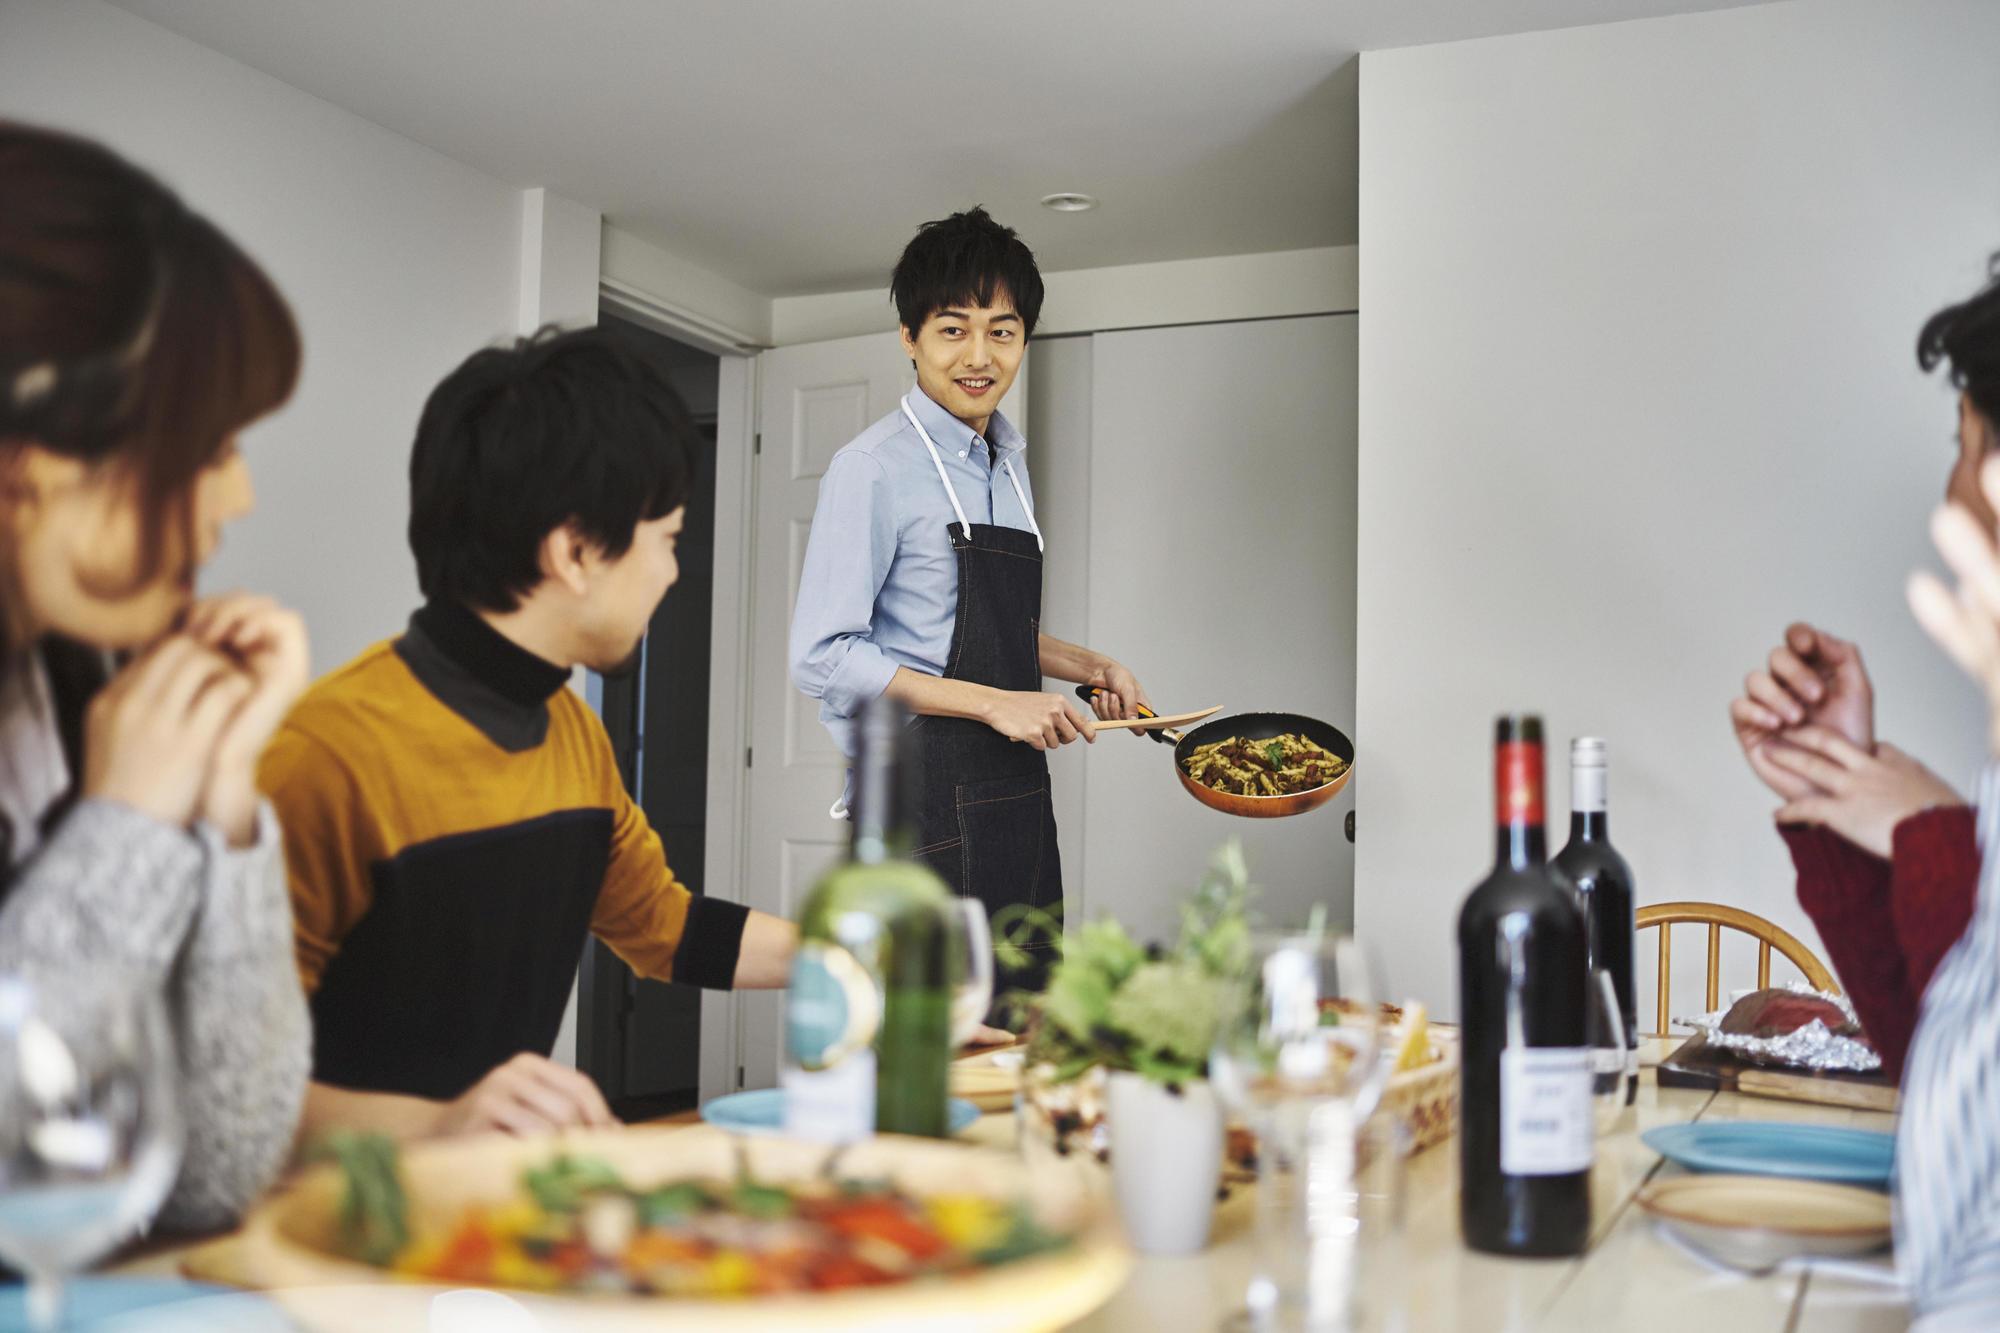 【食欲の秋】秋の味覚を楽しむホームパーティーをしよう!